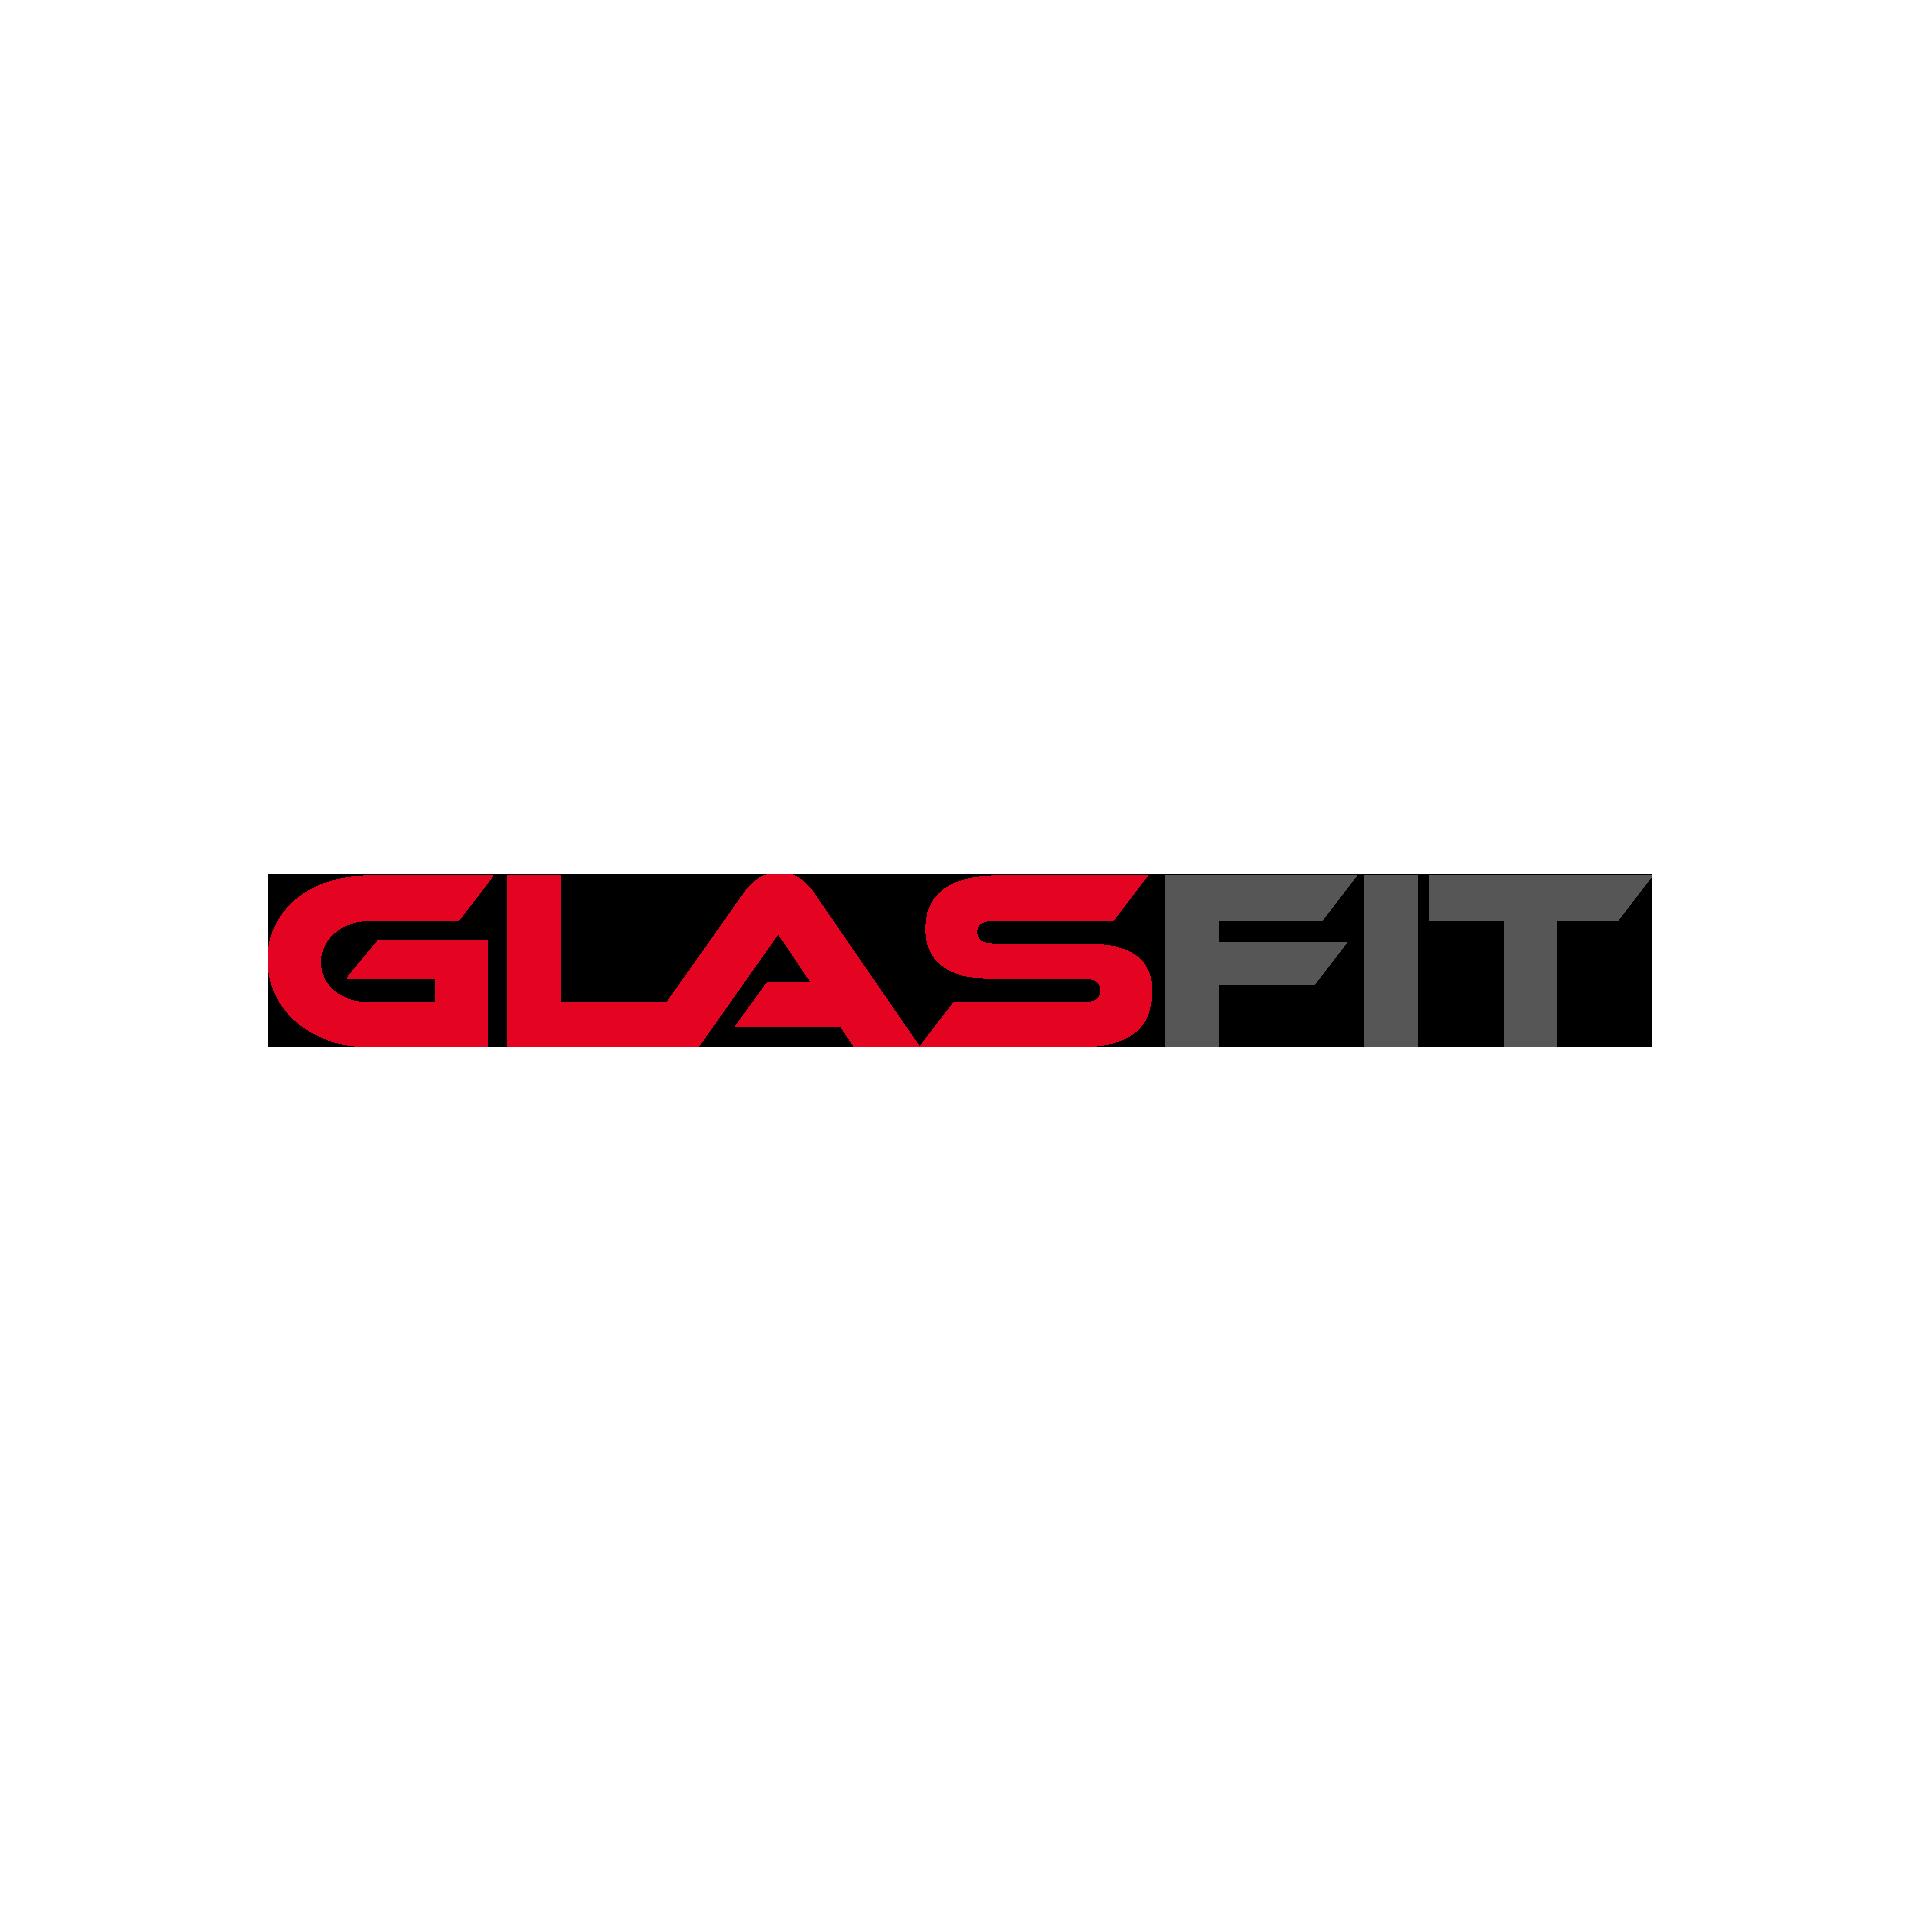 Glasfit Durban North Flat Glass